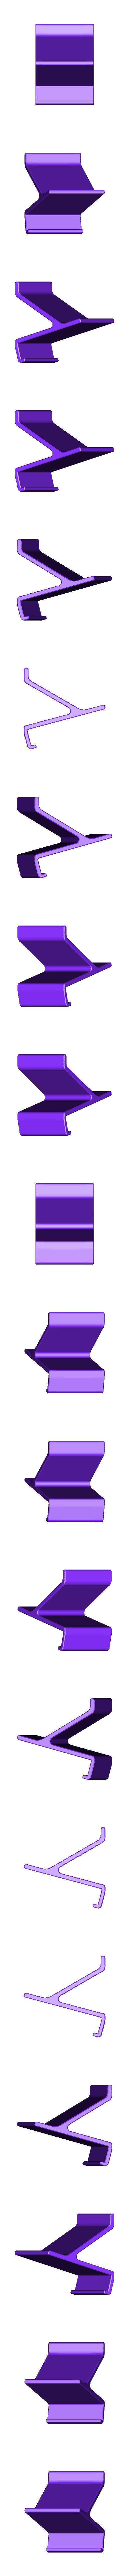 Smartphone Stand.stl Télécharger fichier STL gratuit Support pour smartphone • Design pour impression 3D, IDeMa_3D